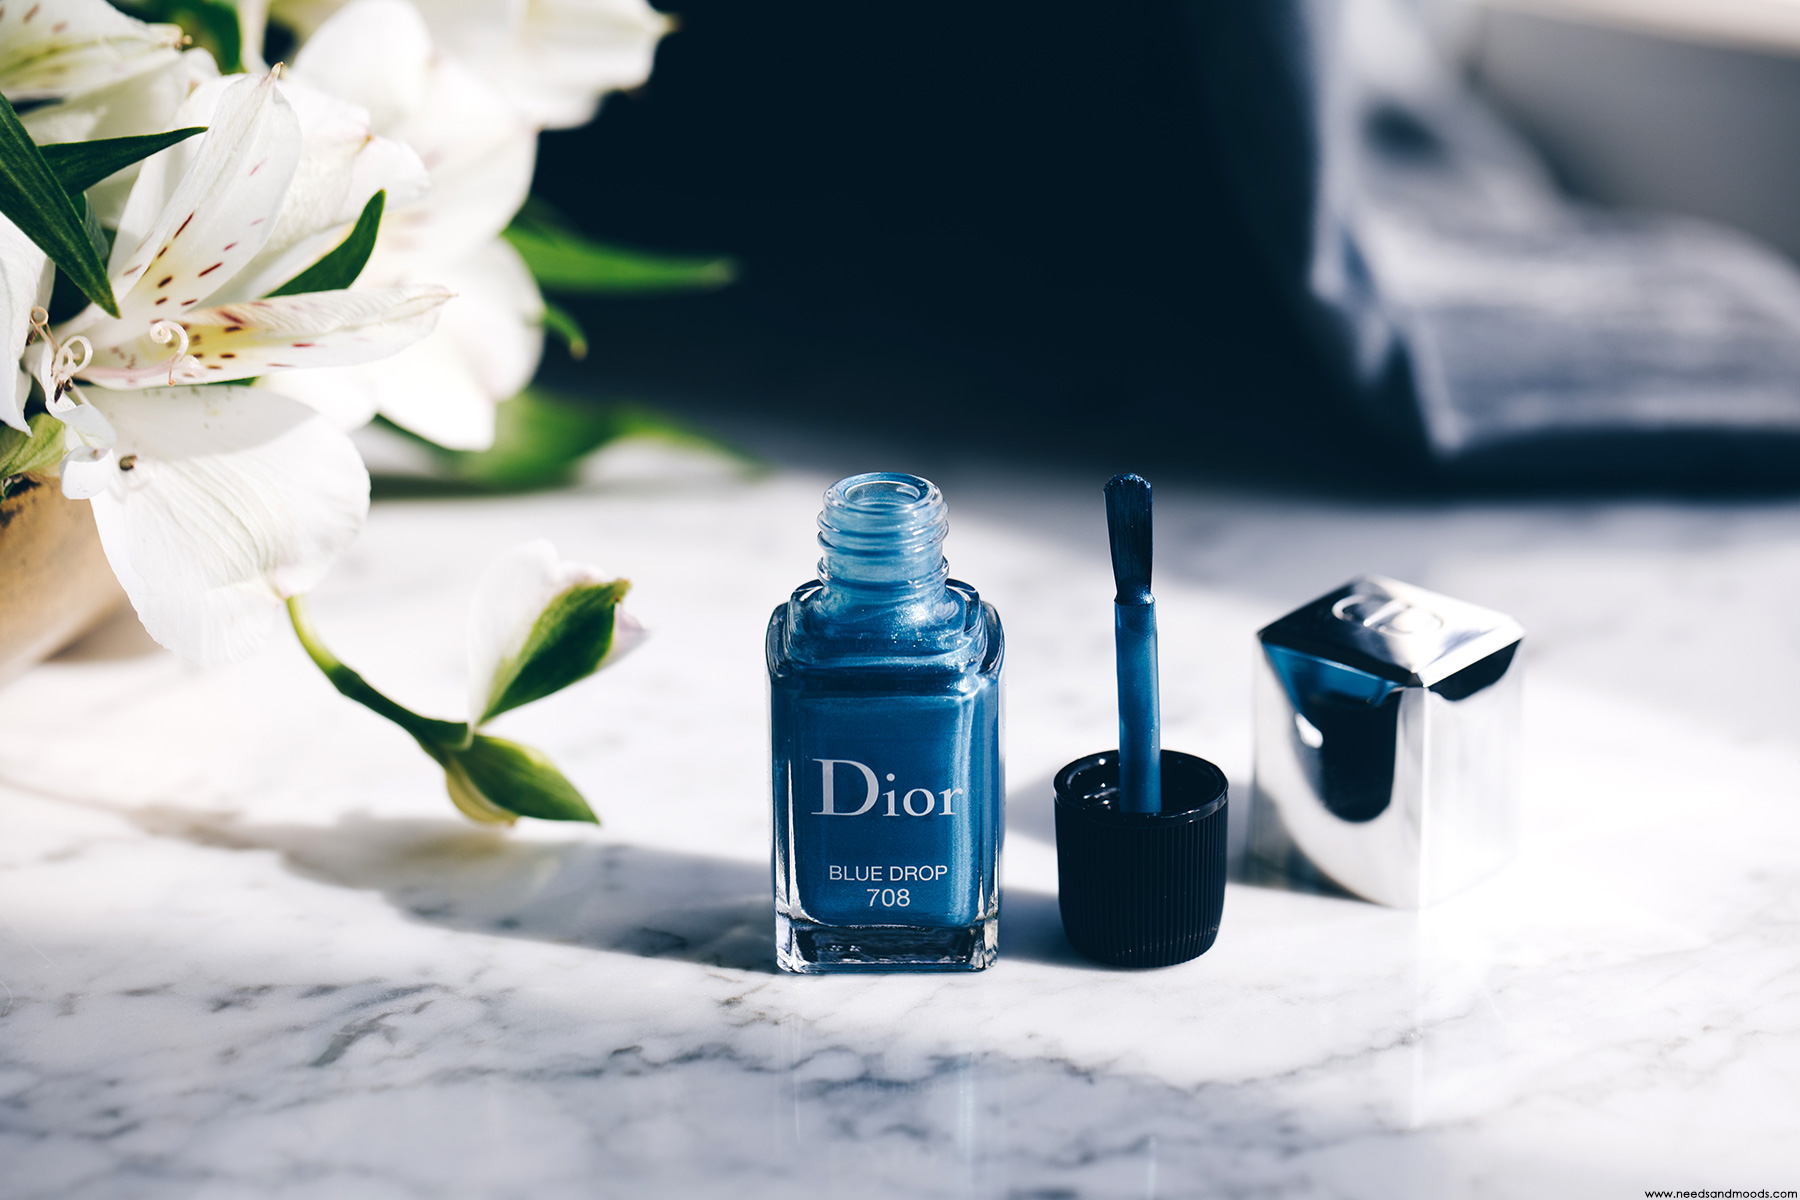 dior blue drop